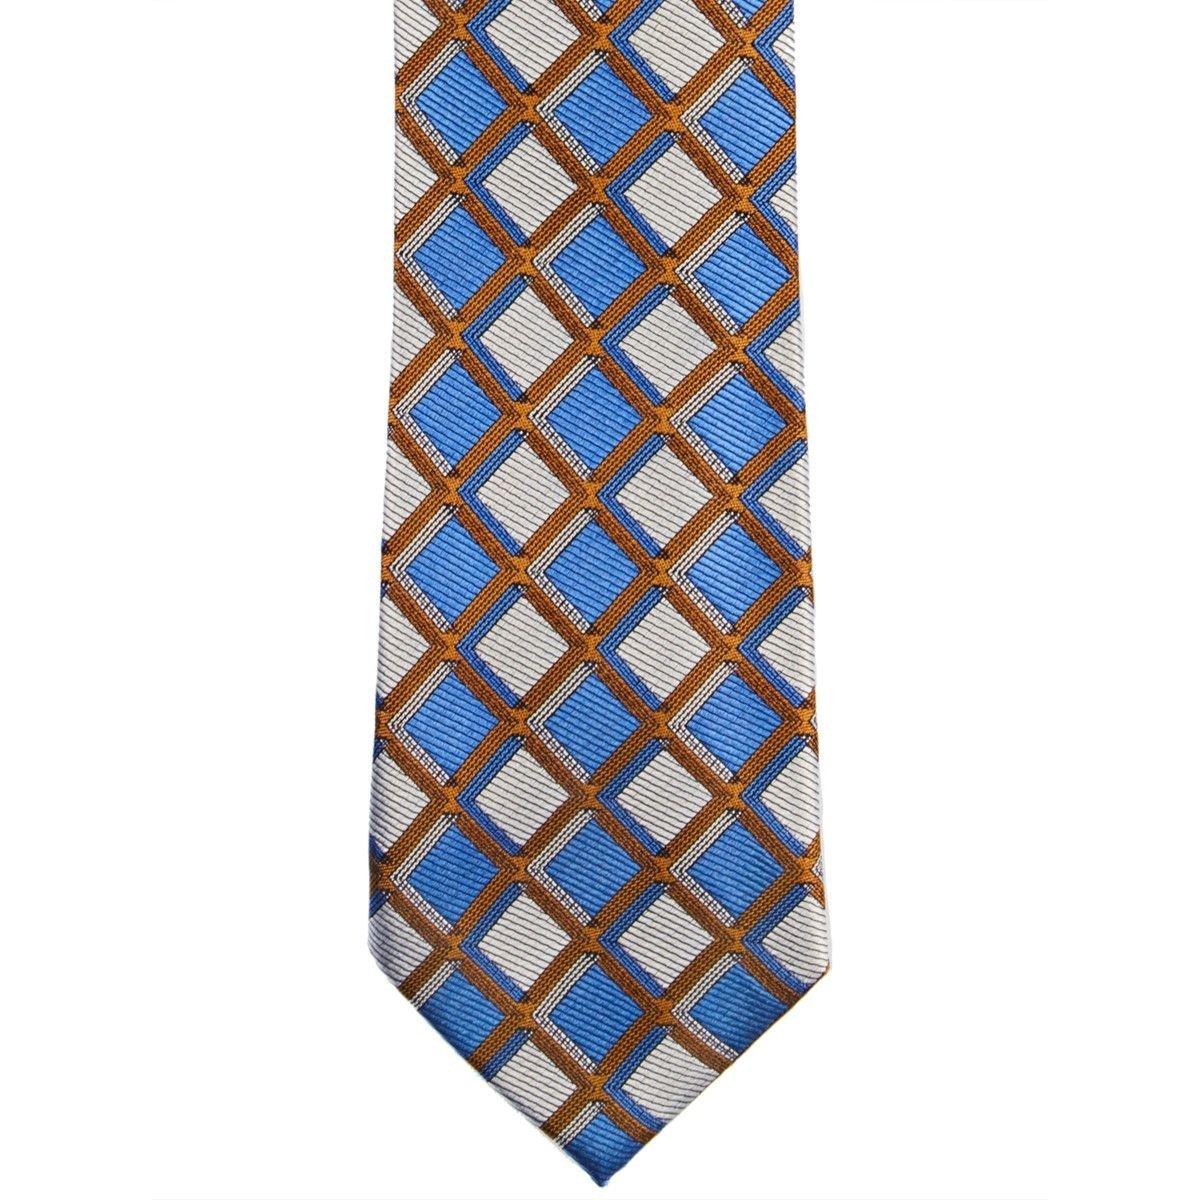 Cravate en pure soie marine à damier fantaisie